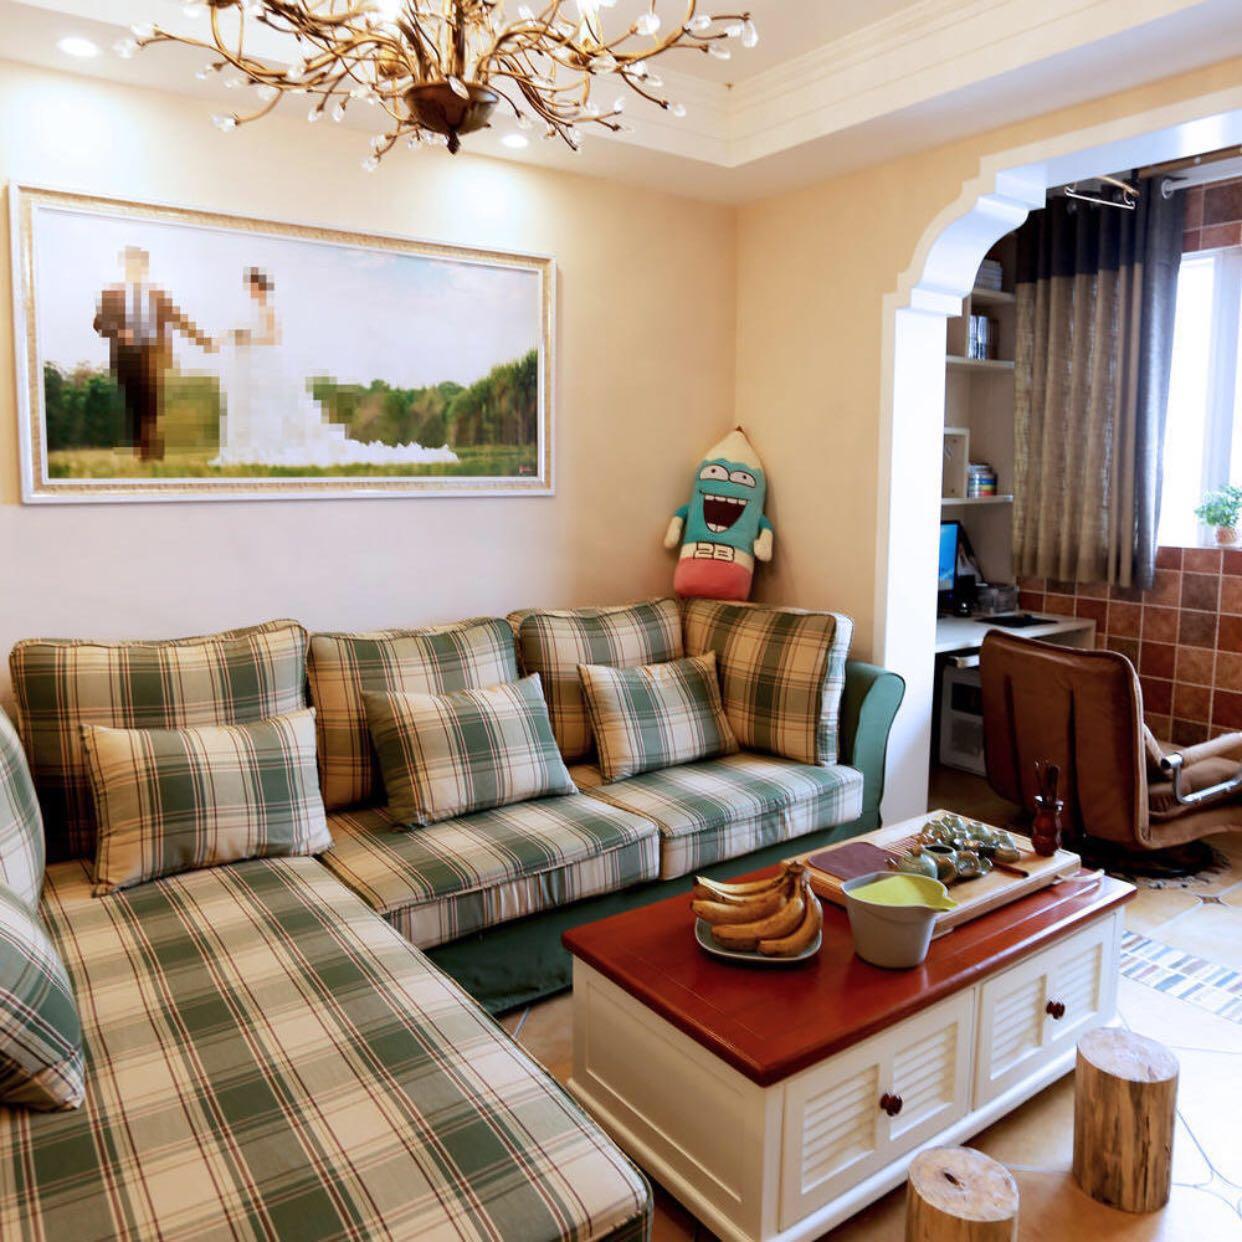 混搭 80后 小资 客厅图片来自北京轻舟幸福亿家装饰晶晶在102平混搭风格的分享